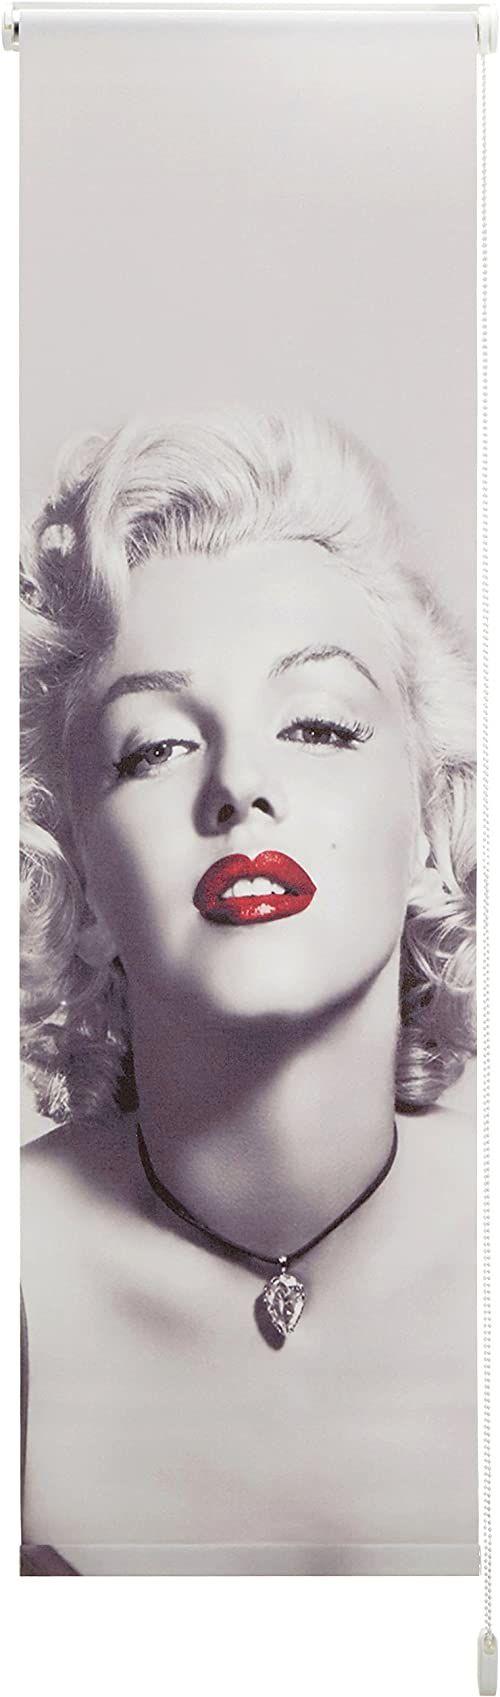 Startex, Marilyn Monroe DS 5040 osłona przeciwsłoneczna z cyfrowym nadrukiem roleta z montażem na ścianie i suficie, 45 x 140 cm, nieprzejrzysta, biała